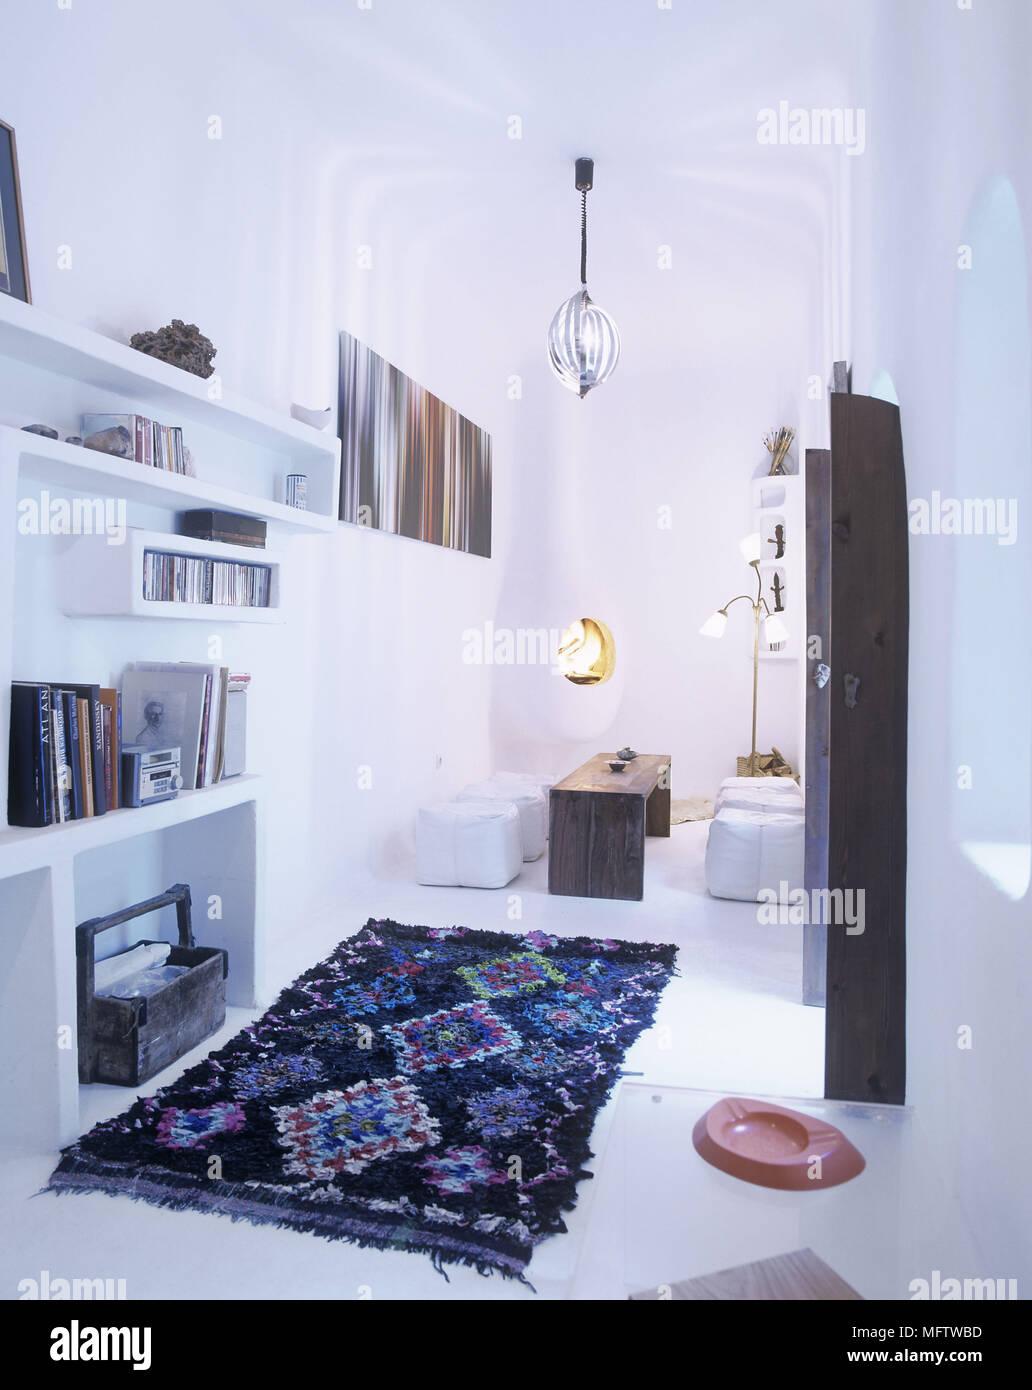 Ein Modernes Weißes Wohnzimmer Mit Kamin Retro Licht Schatten Lederkissen  Bücherregale Und Marokkanischen Teppich